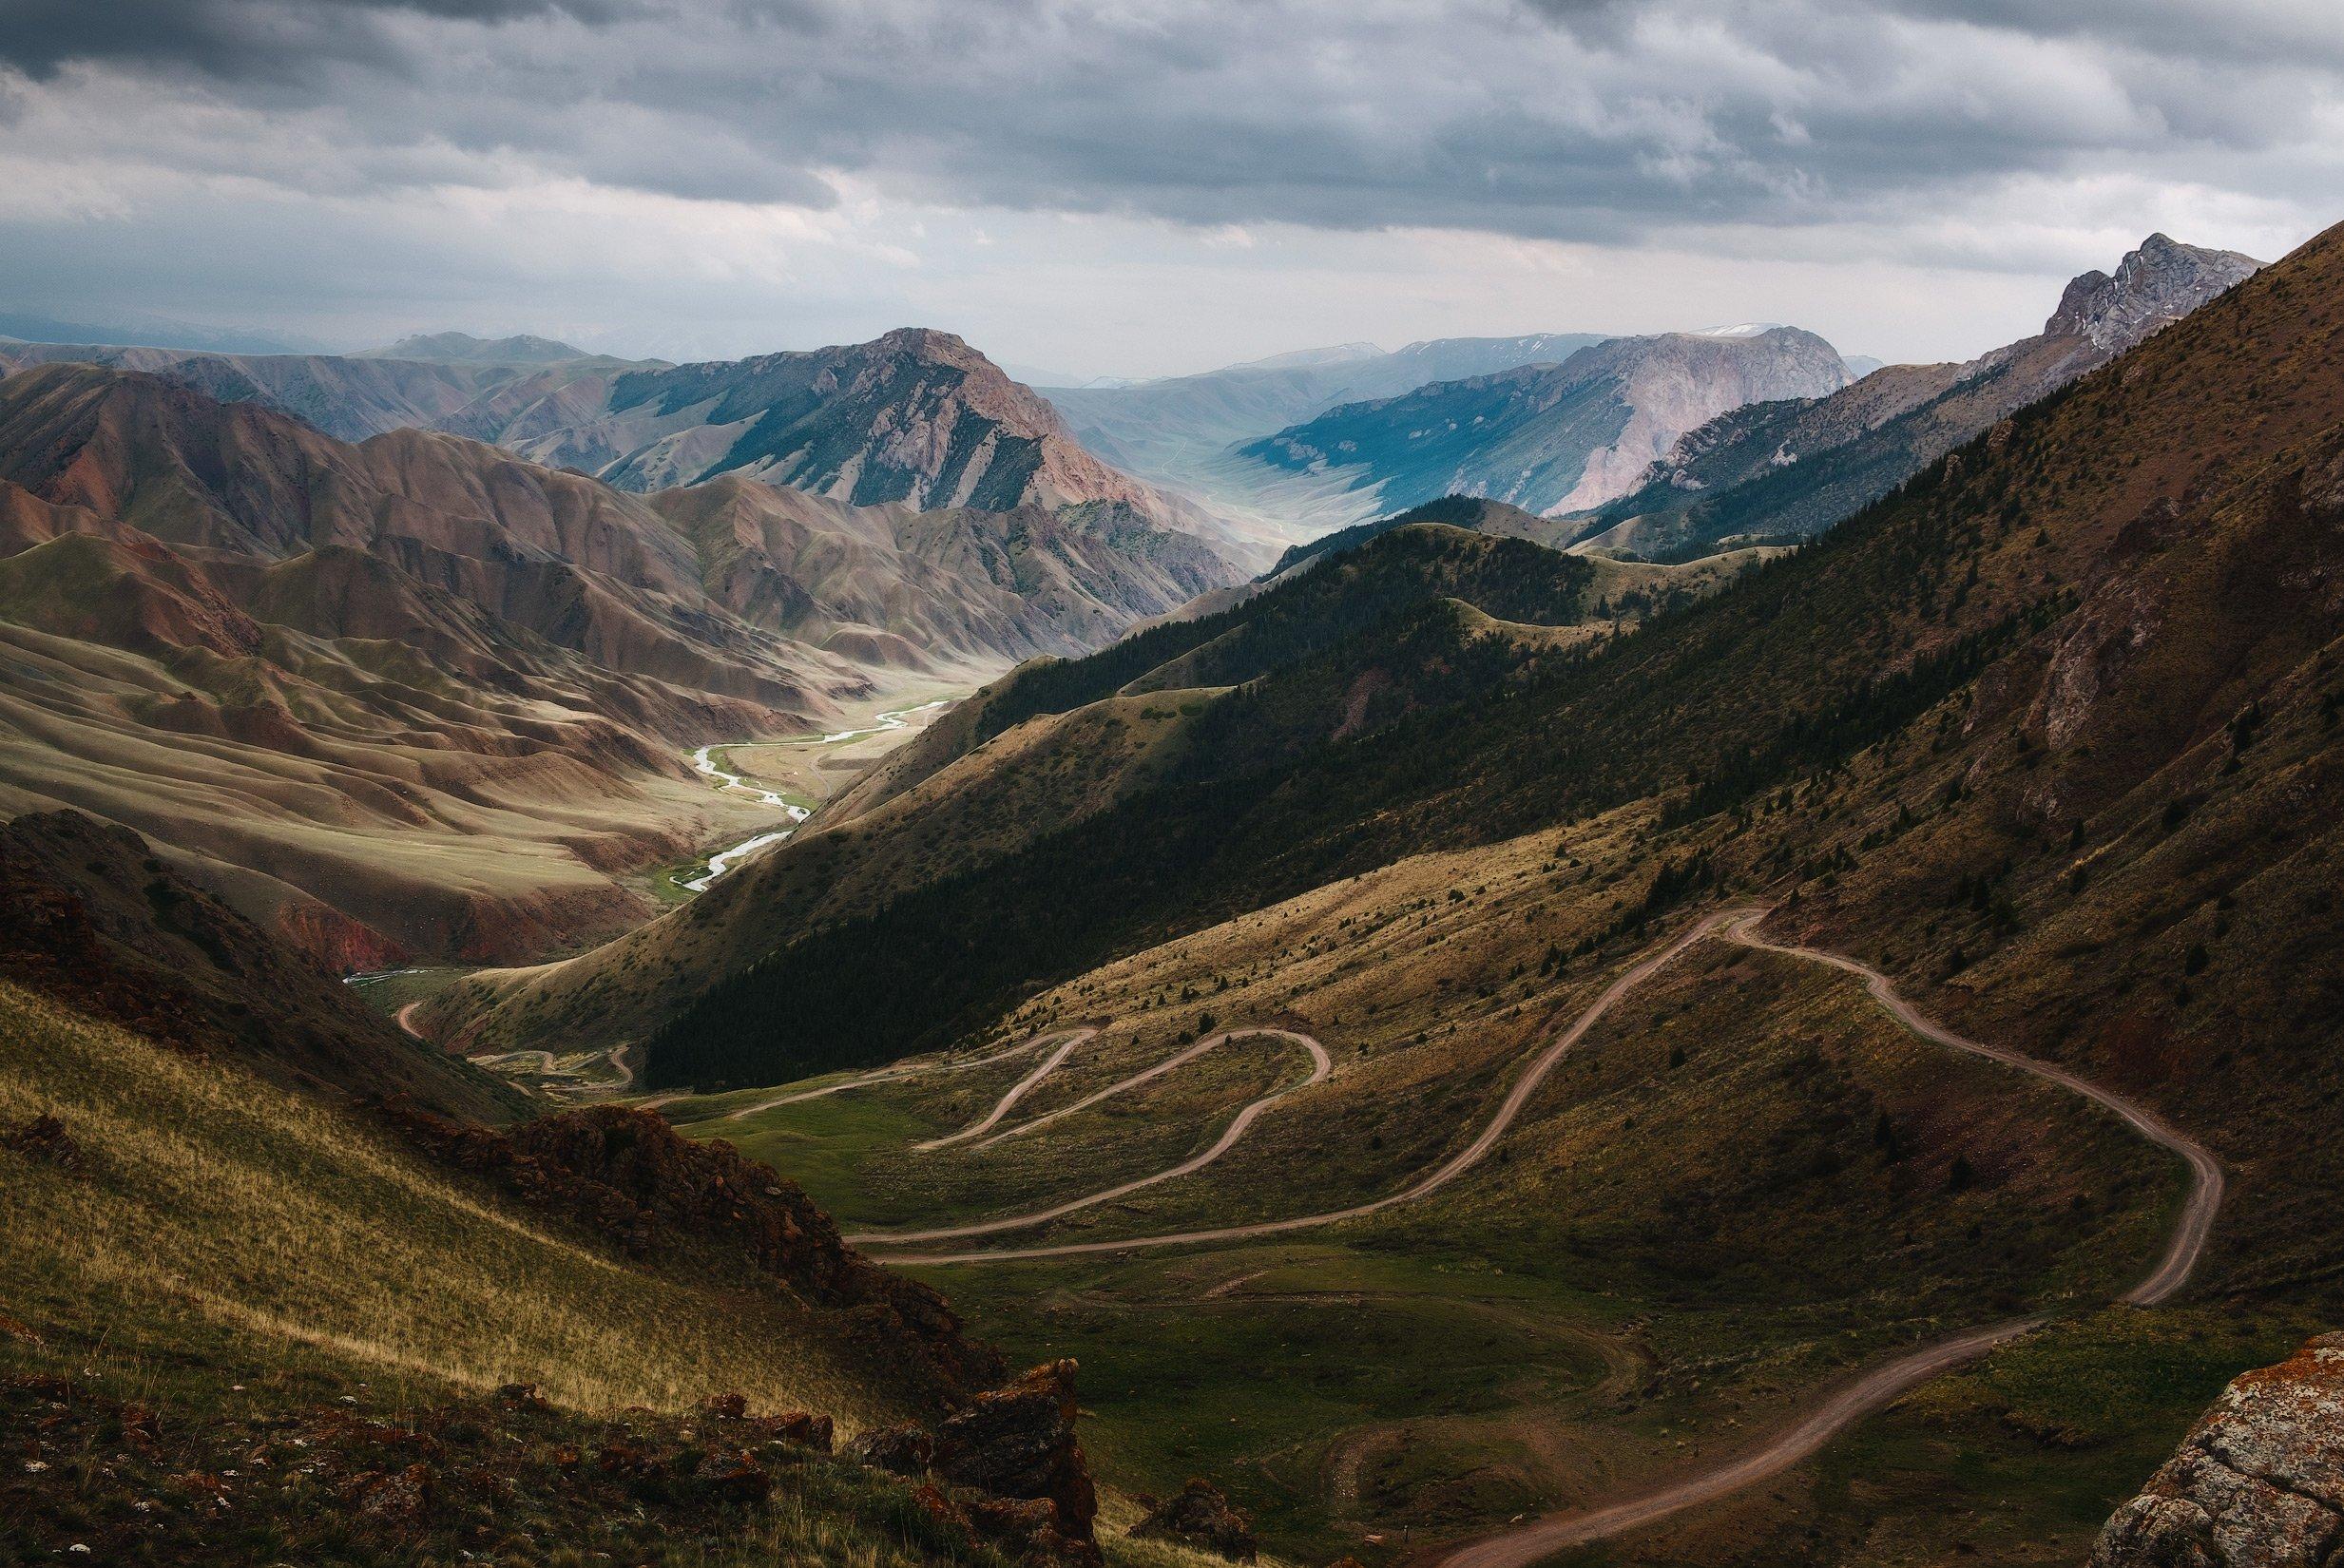 киргизия, кыргызстан, средняя азия, горы, каньон, скалы, пейзаж, лето, ущелье, дорога, утро, серпантин, перевал, Оборотов Алексей